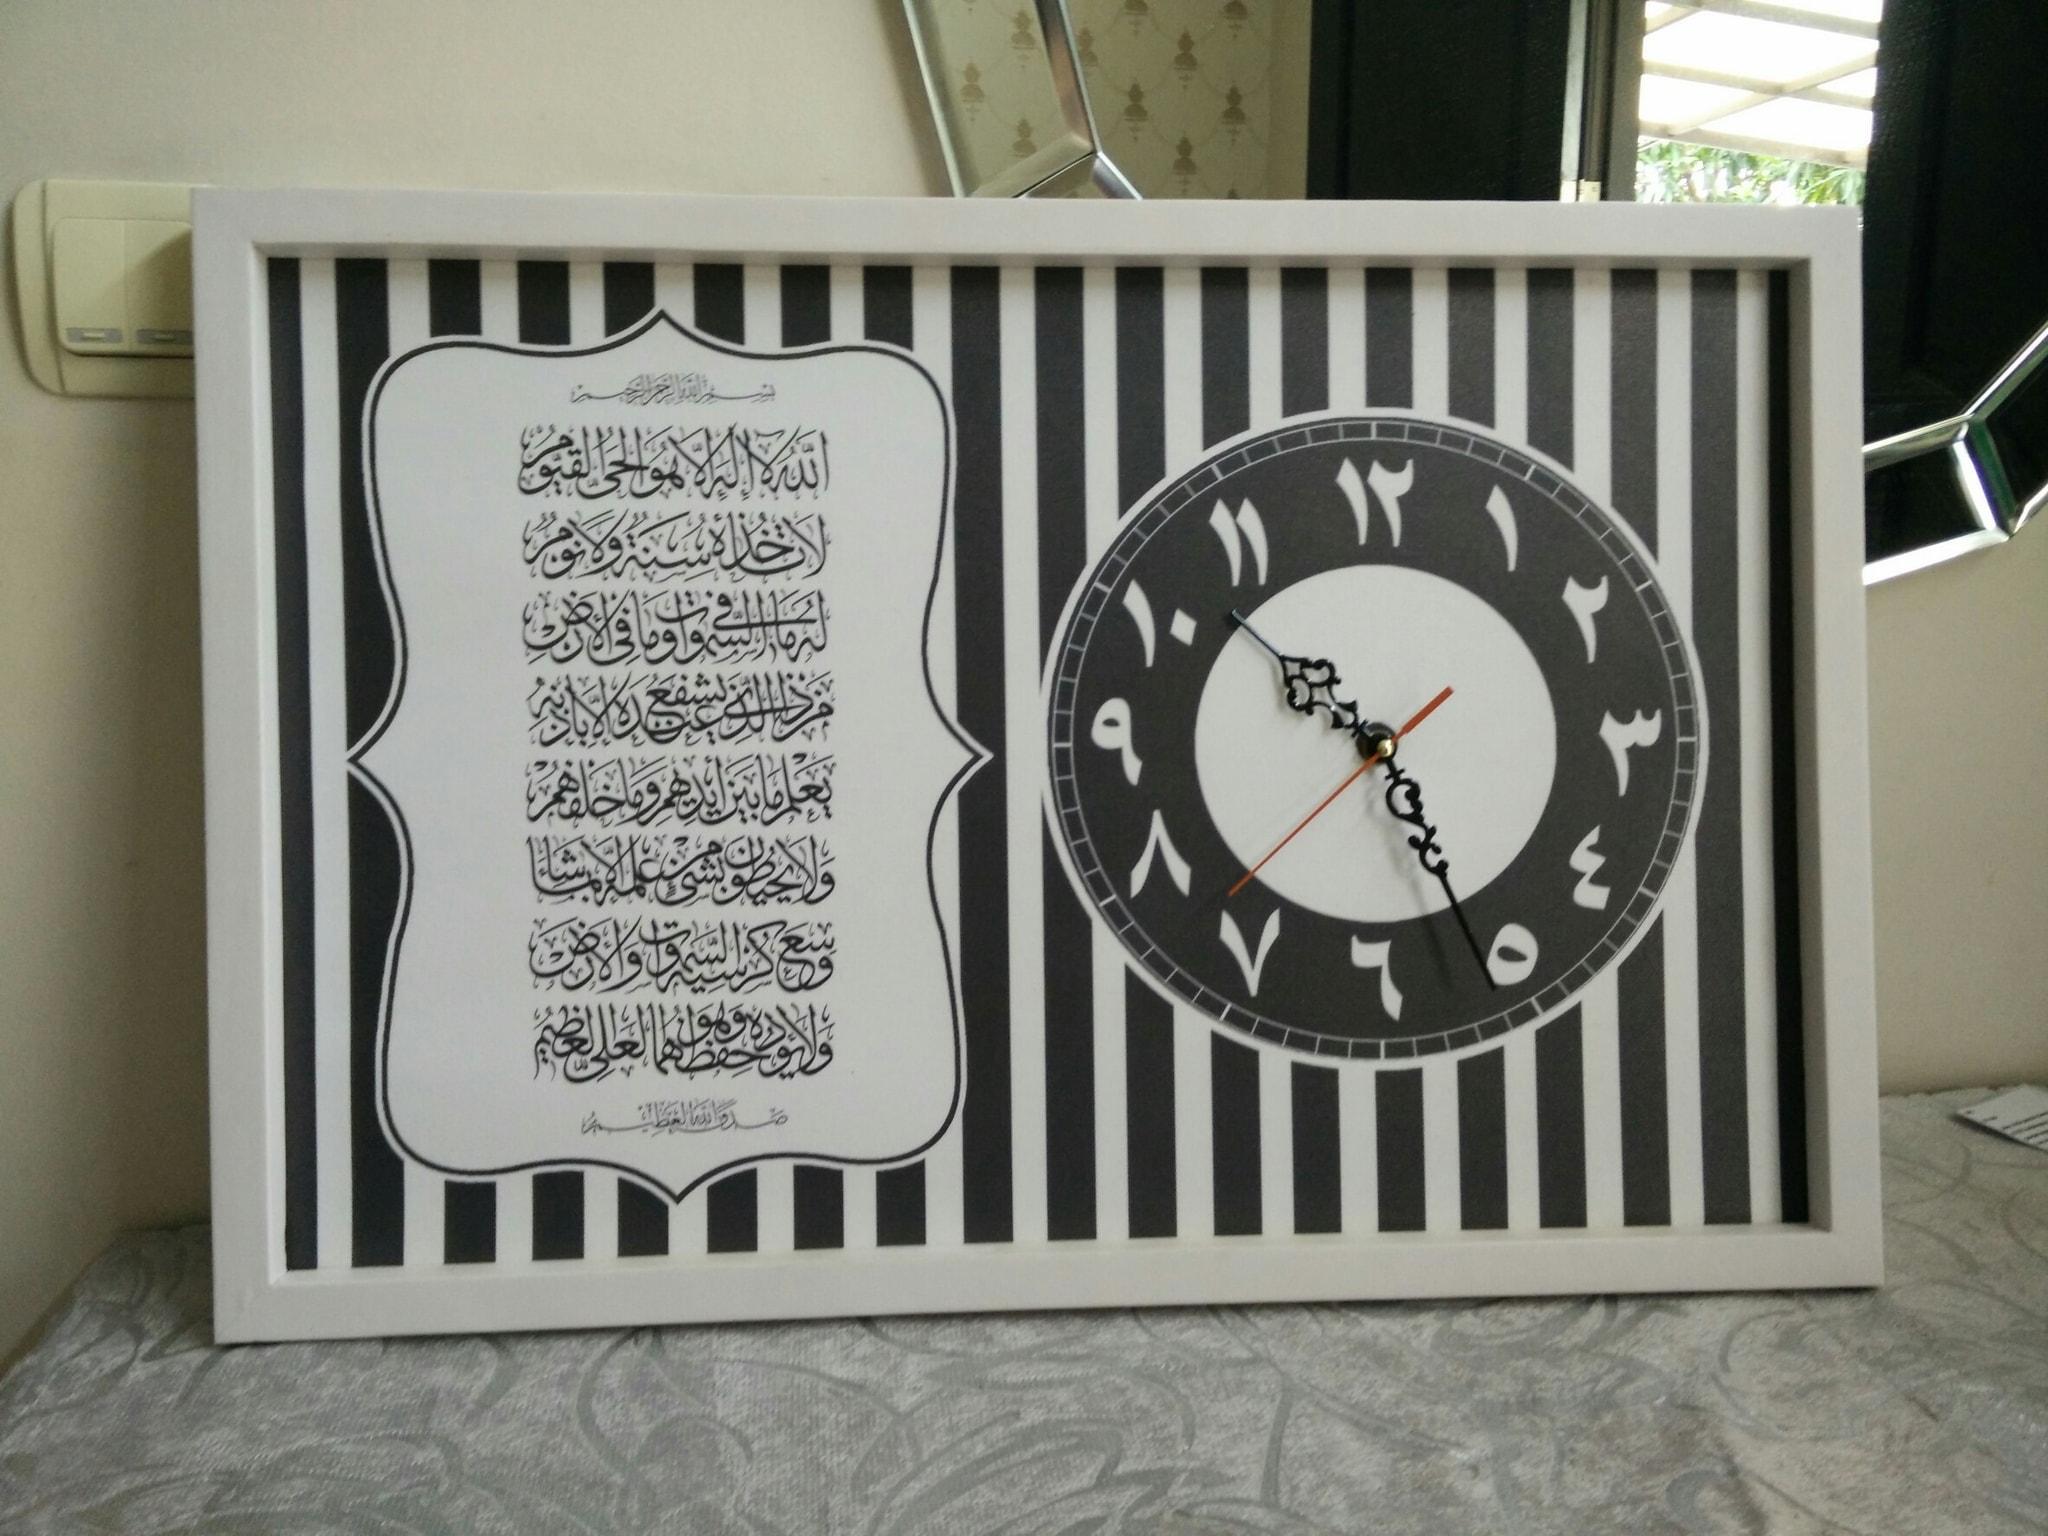 Hiasan Jam Dinding Kaligrafi Ayat Kursi Uk 30x40 Black White Monocrhom a9efa50402